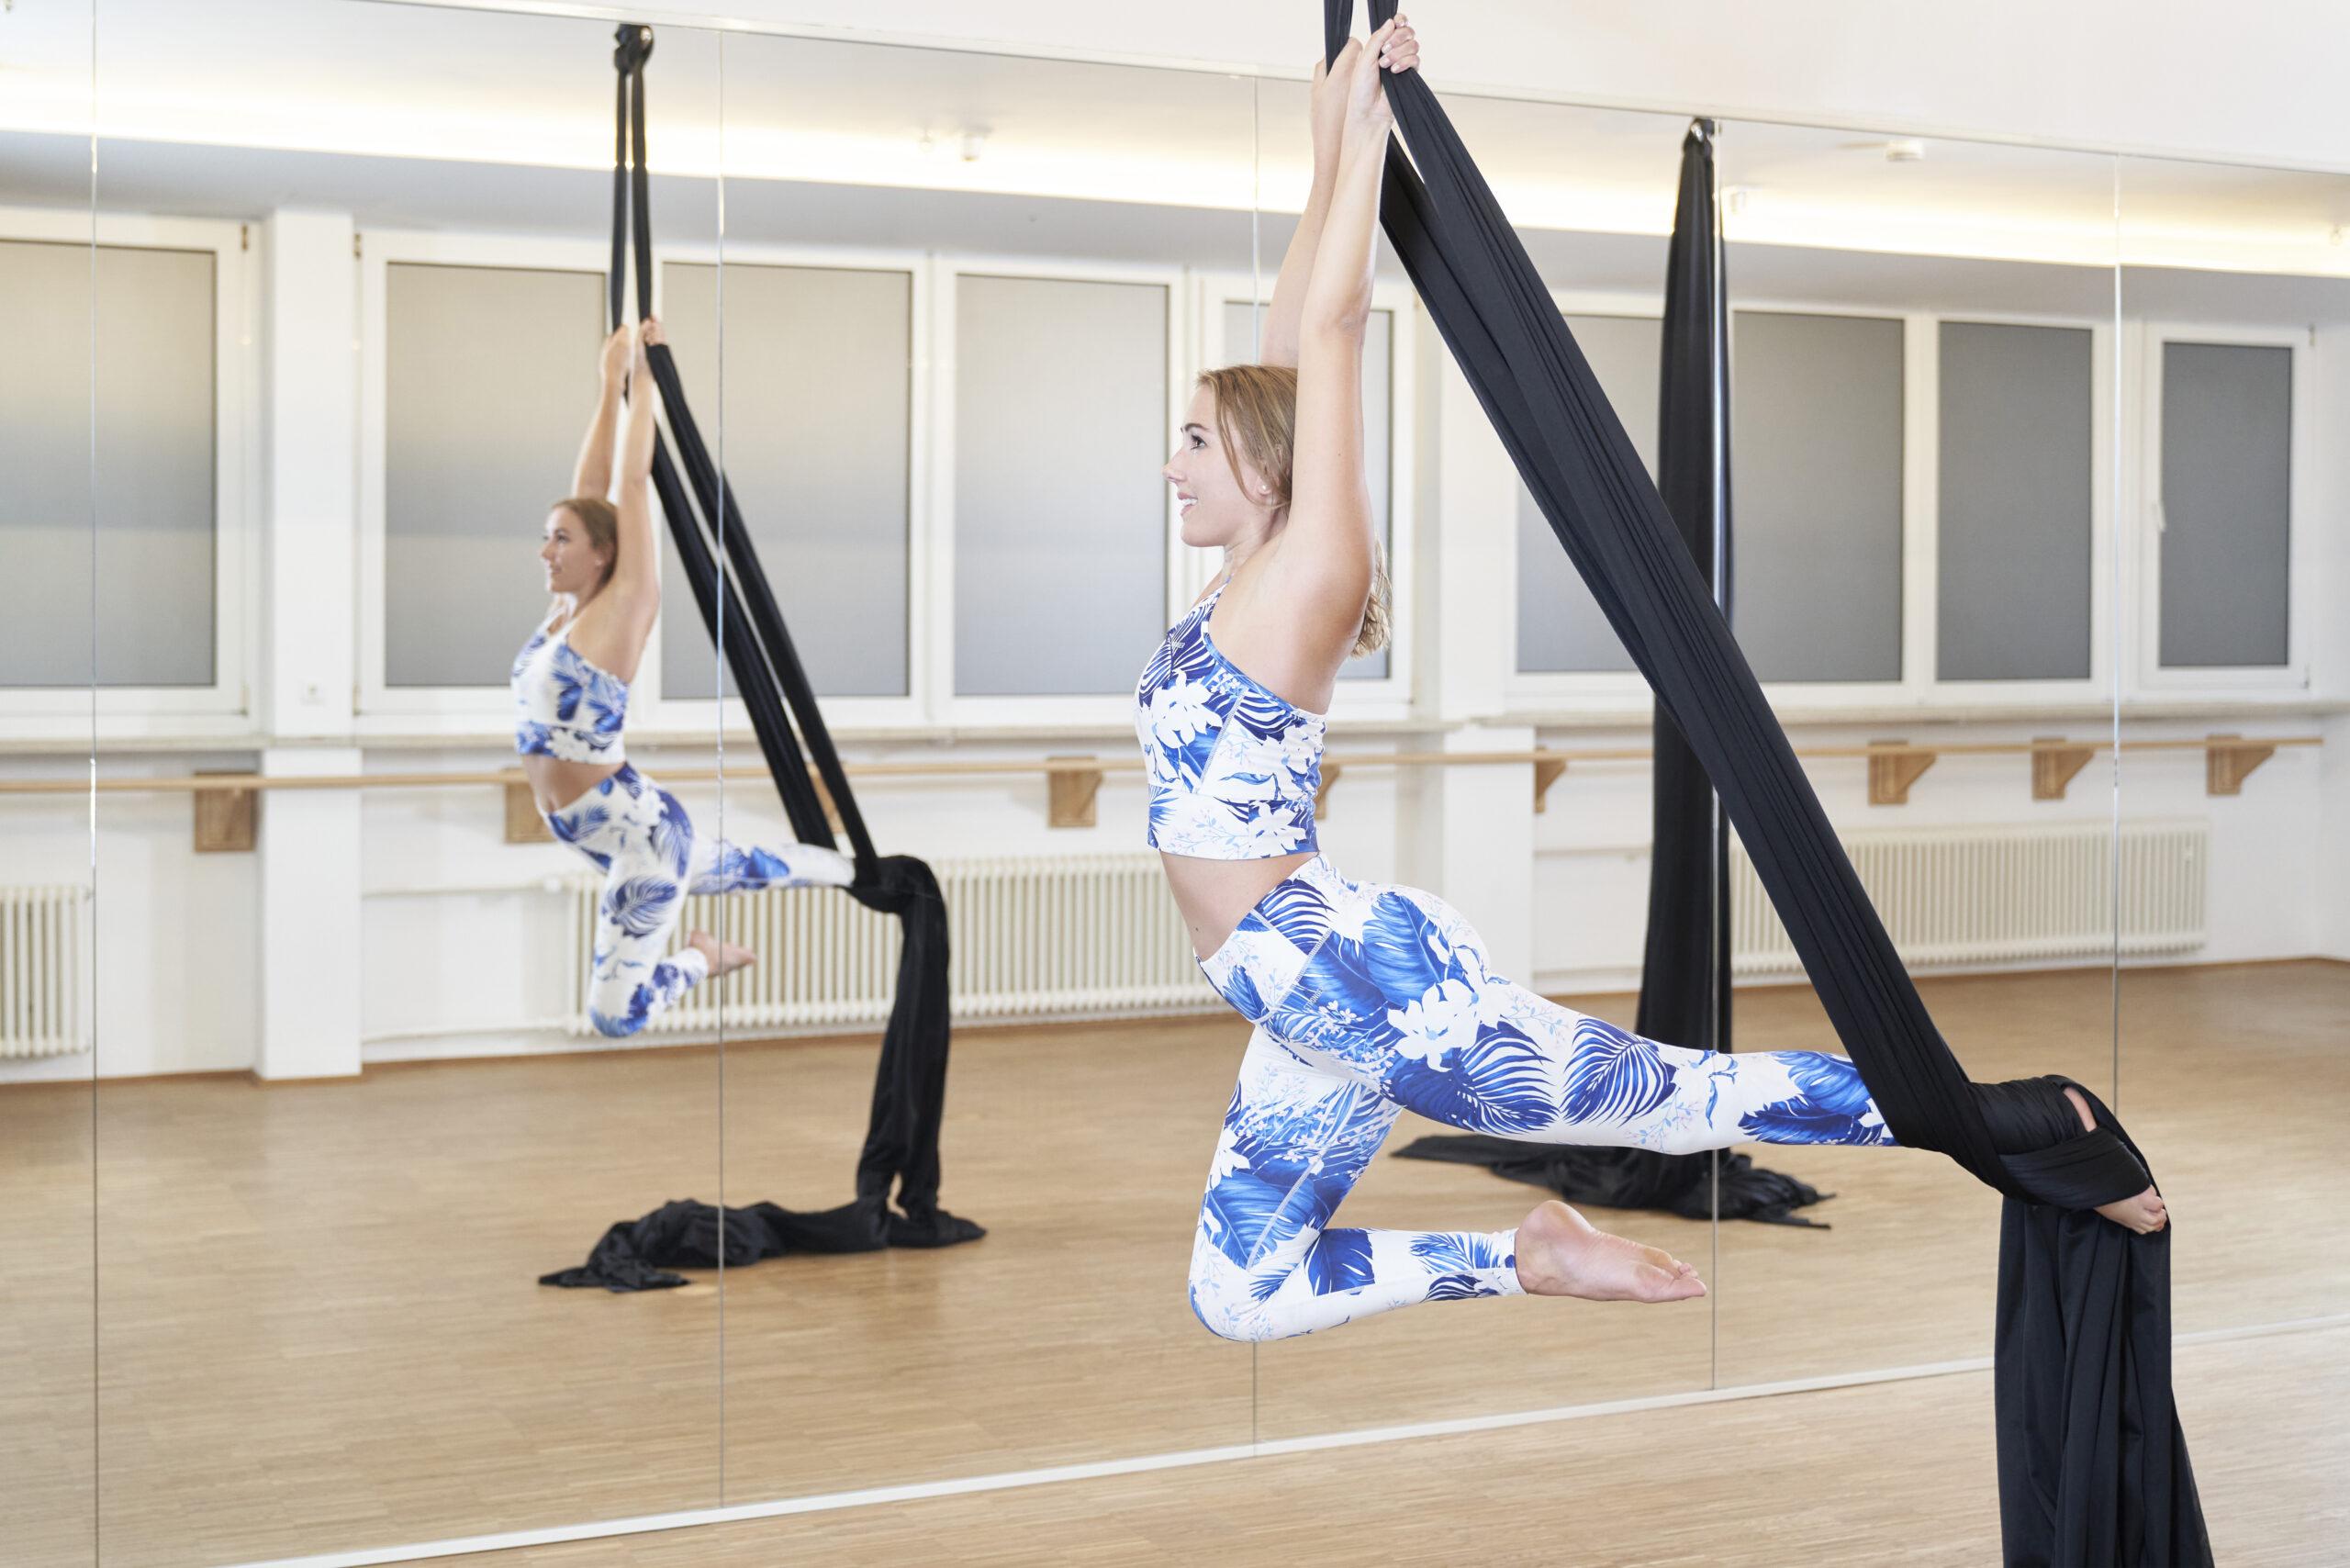 munich-poledance-aerial-silk-02